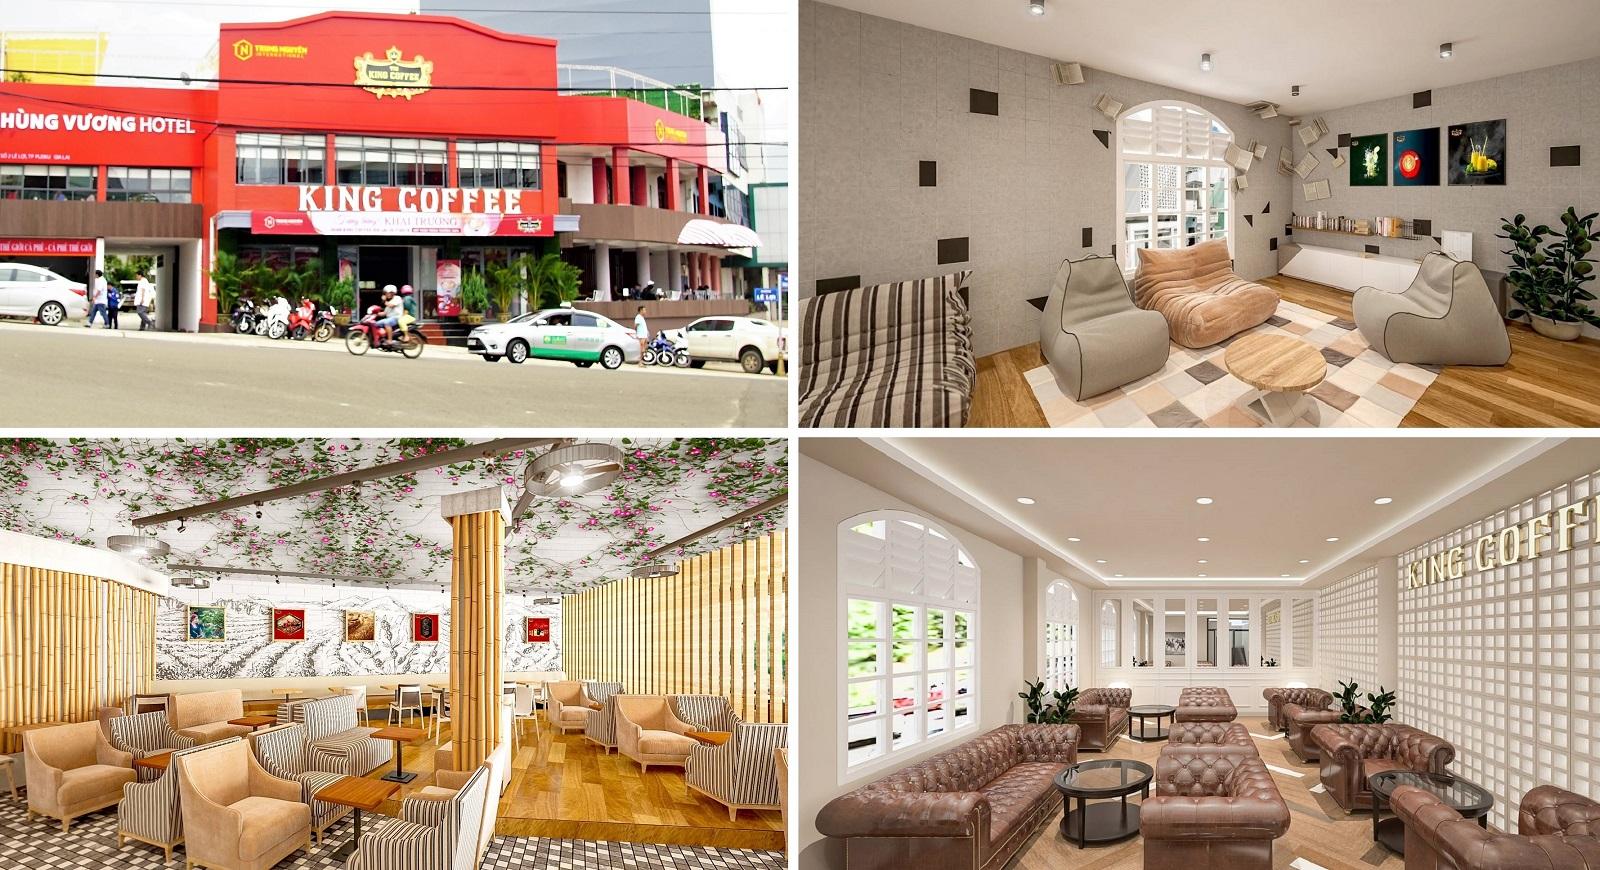 Chuỗi quán cafe đình đám King Coffee xuất hiện ở Gia Lai, dân tình rần rần rủ nhau đến check-in